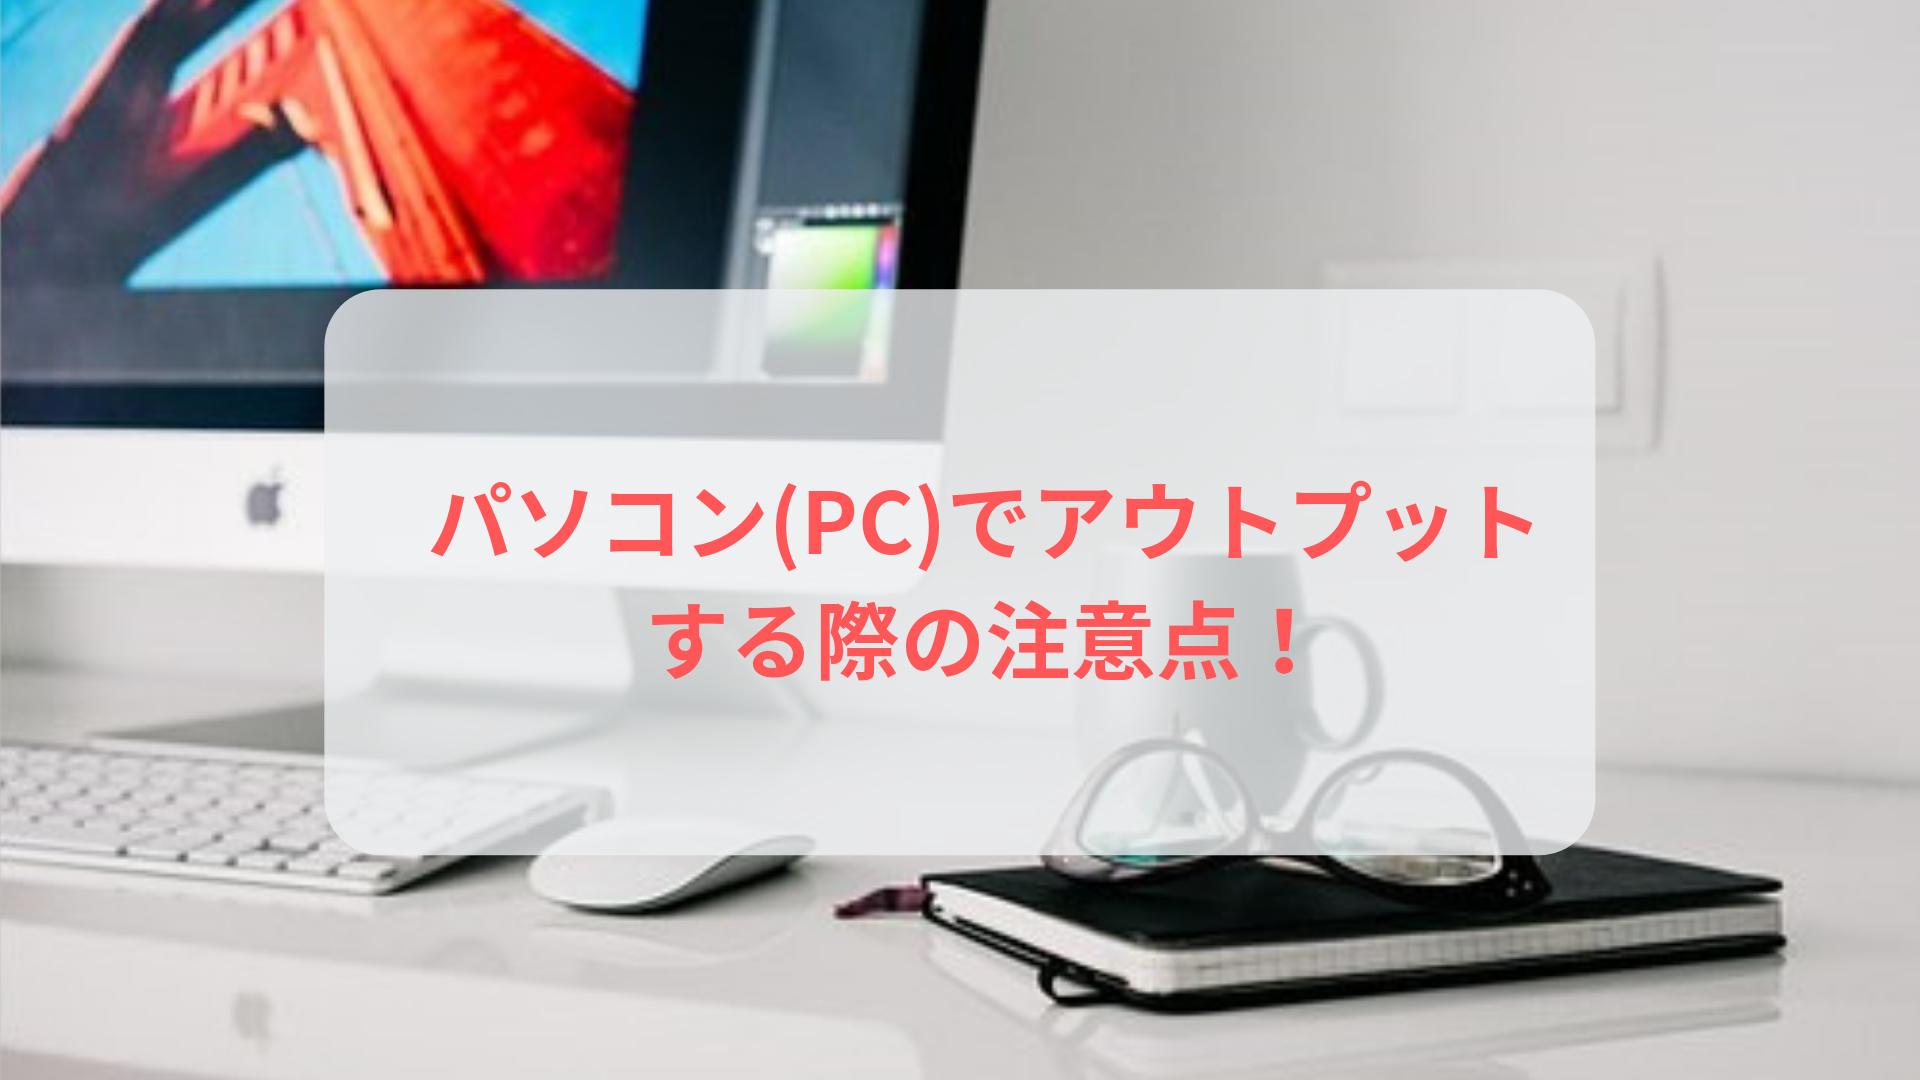 パソコン(PC)でアウトプットする際の注意点!